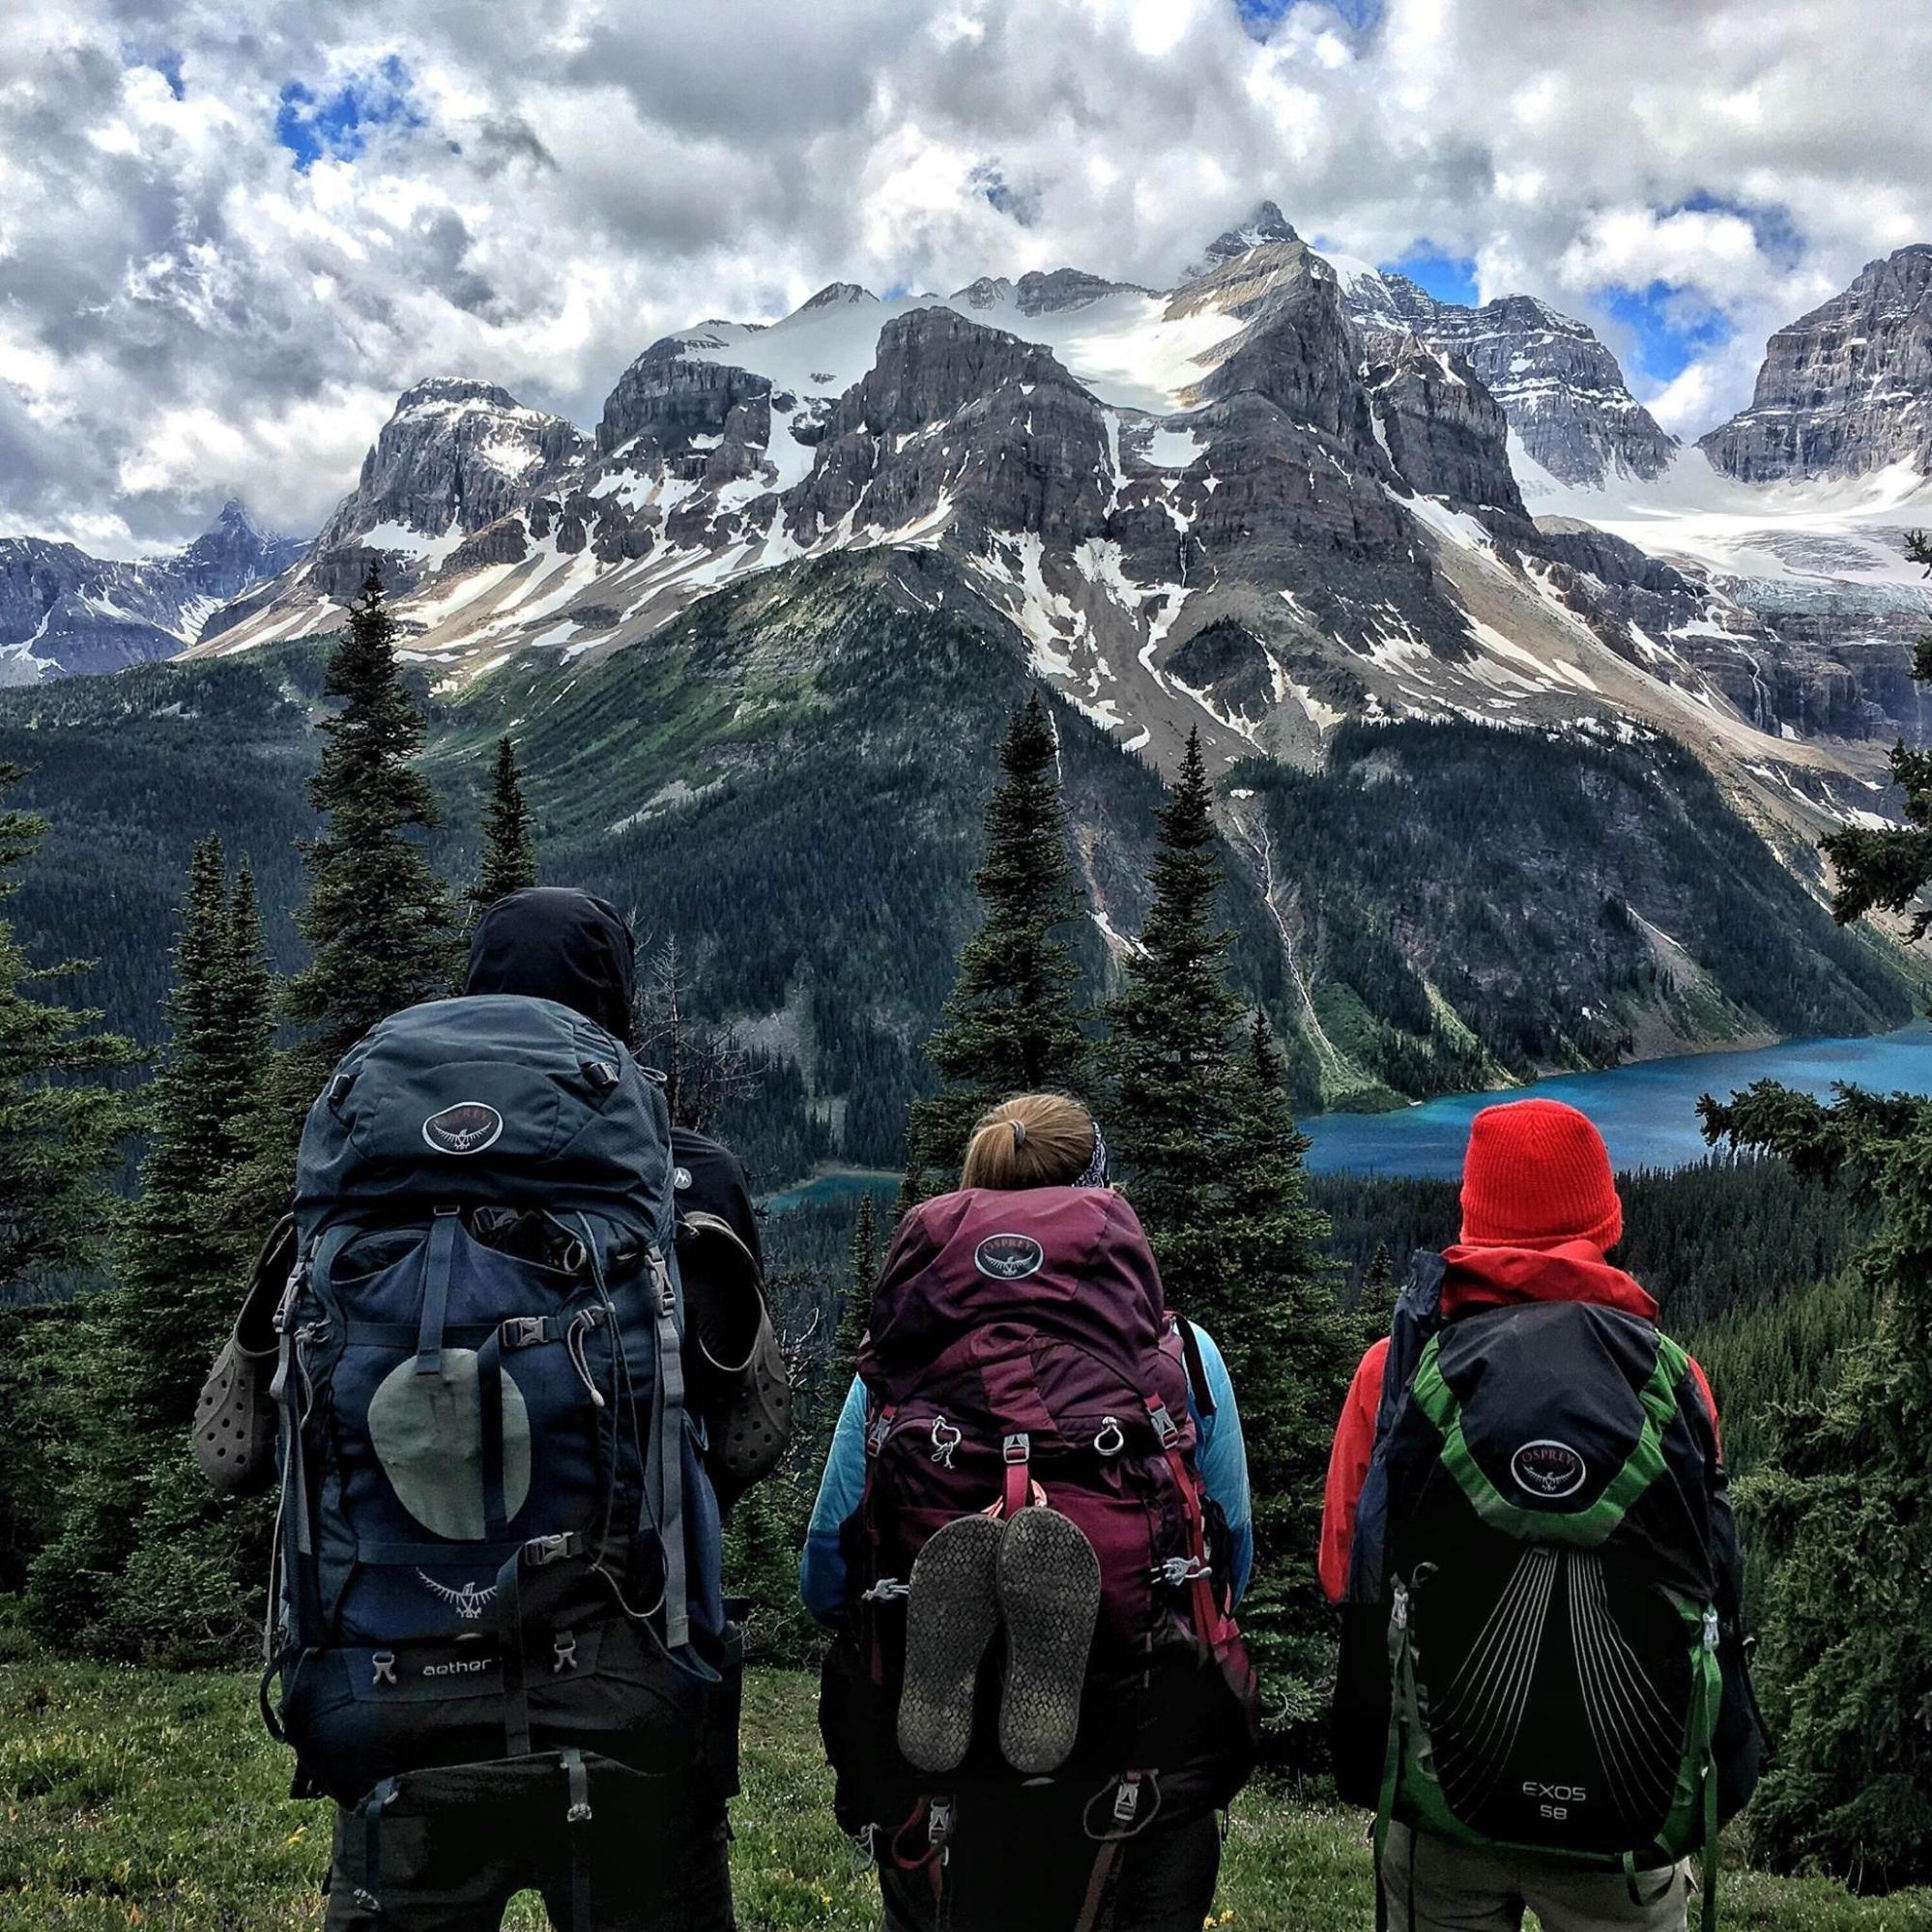 cách chọn áo an toàn khi leo núi cho bản thân